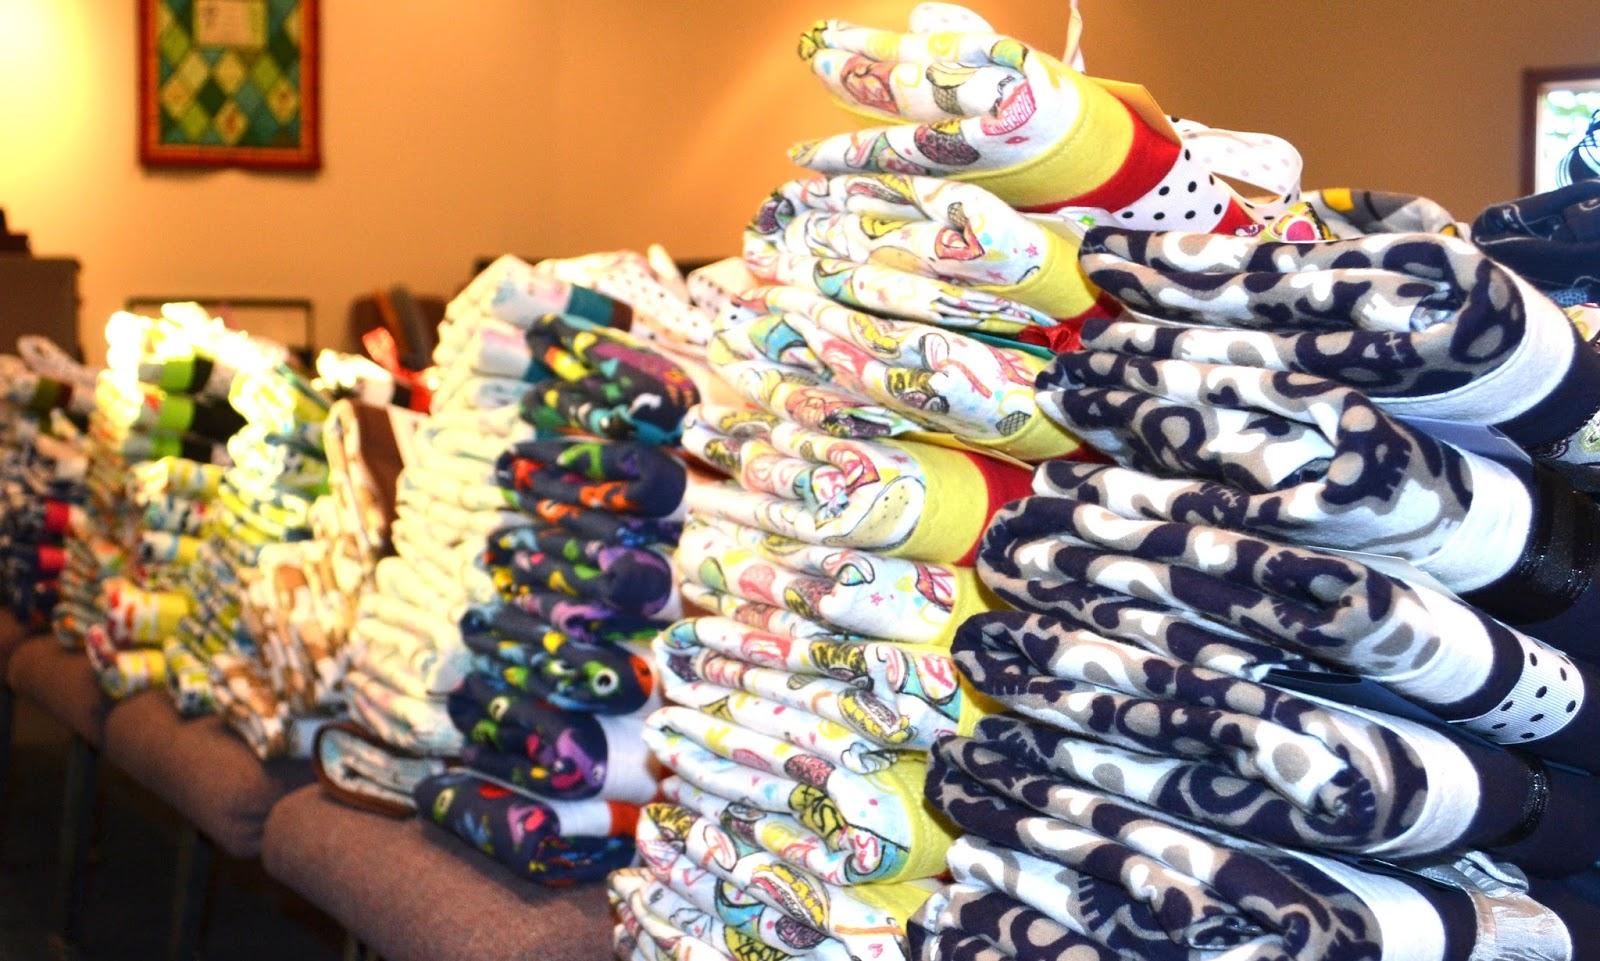 http://1.bp.blogspot.com/-B5pZ9NCmbFg/VOnwbMzwCsI/AAAAAAAAeQU/JSitthn0Ws4/s1600/pillowcases.JPG